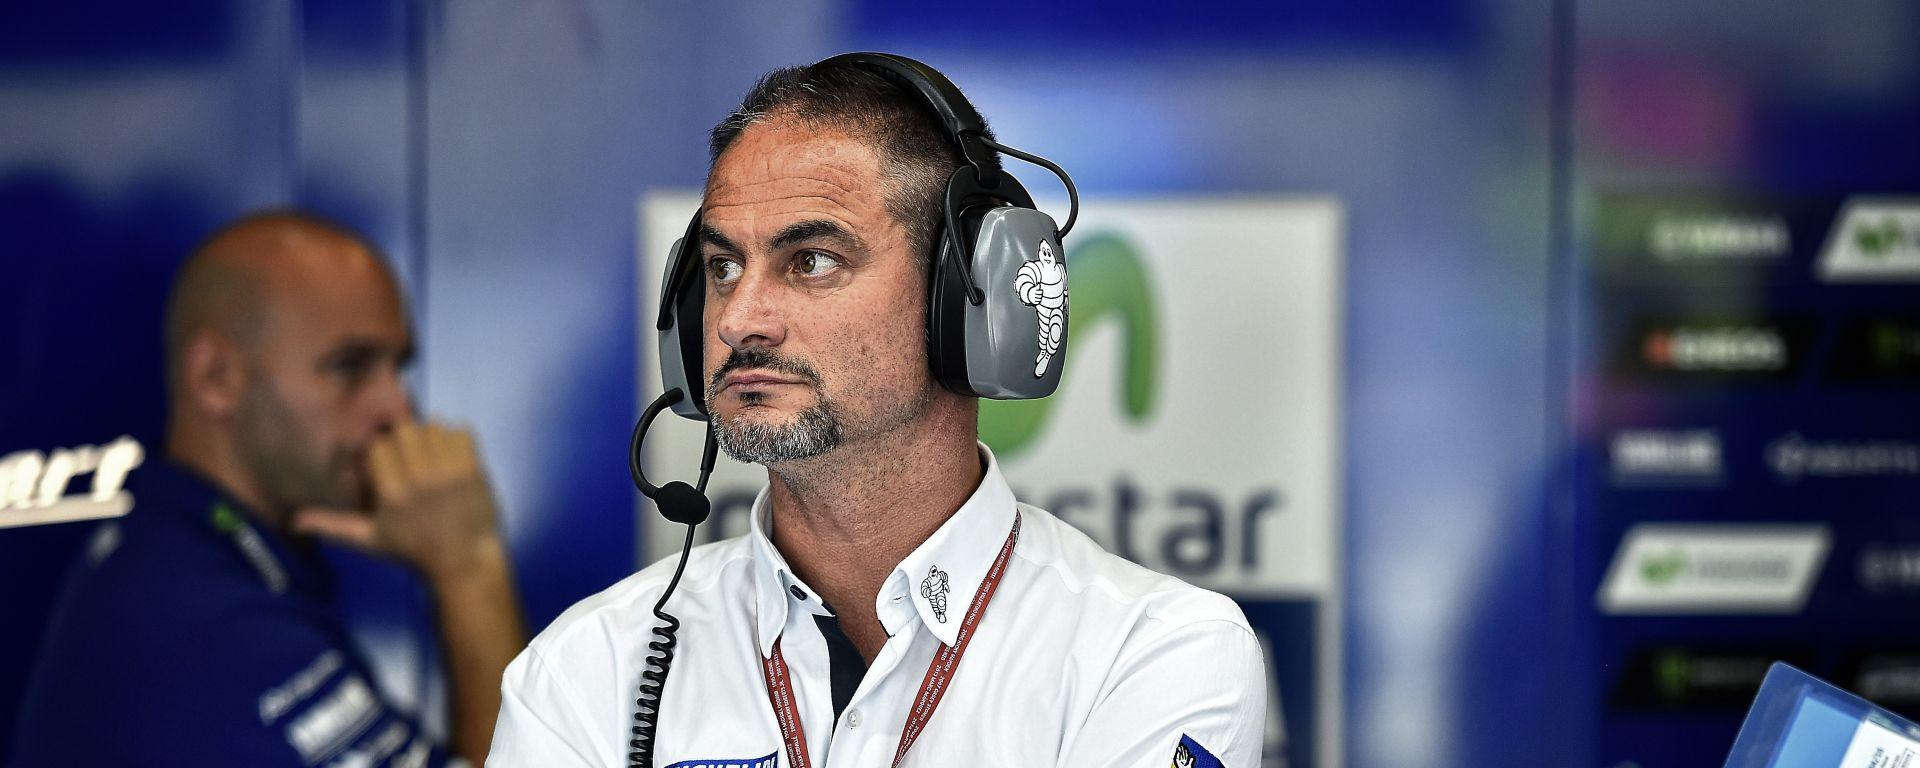 MotoGp 2016: intervista a Piero Taramasso, Michelin